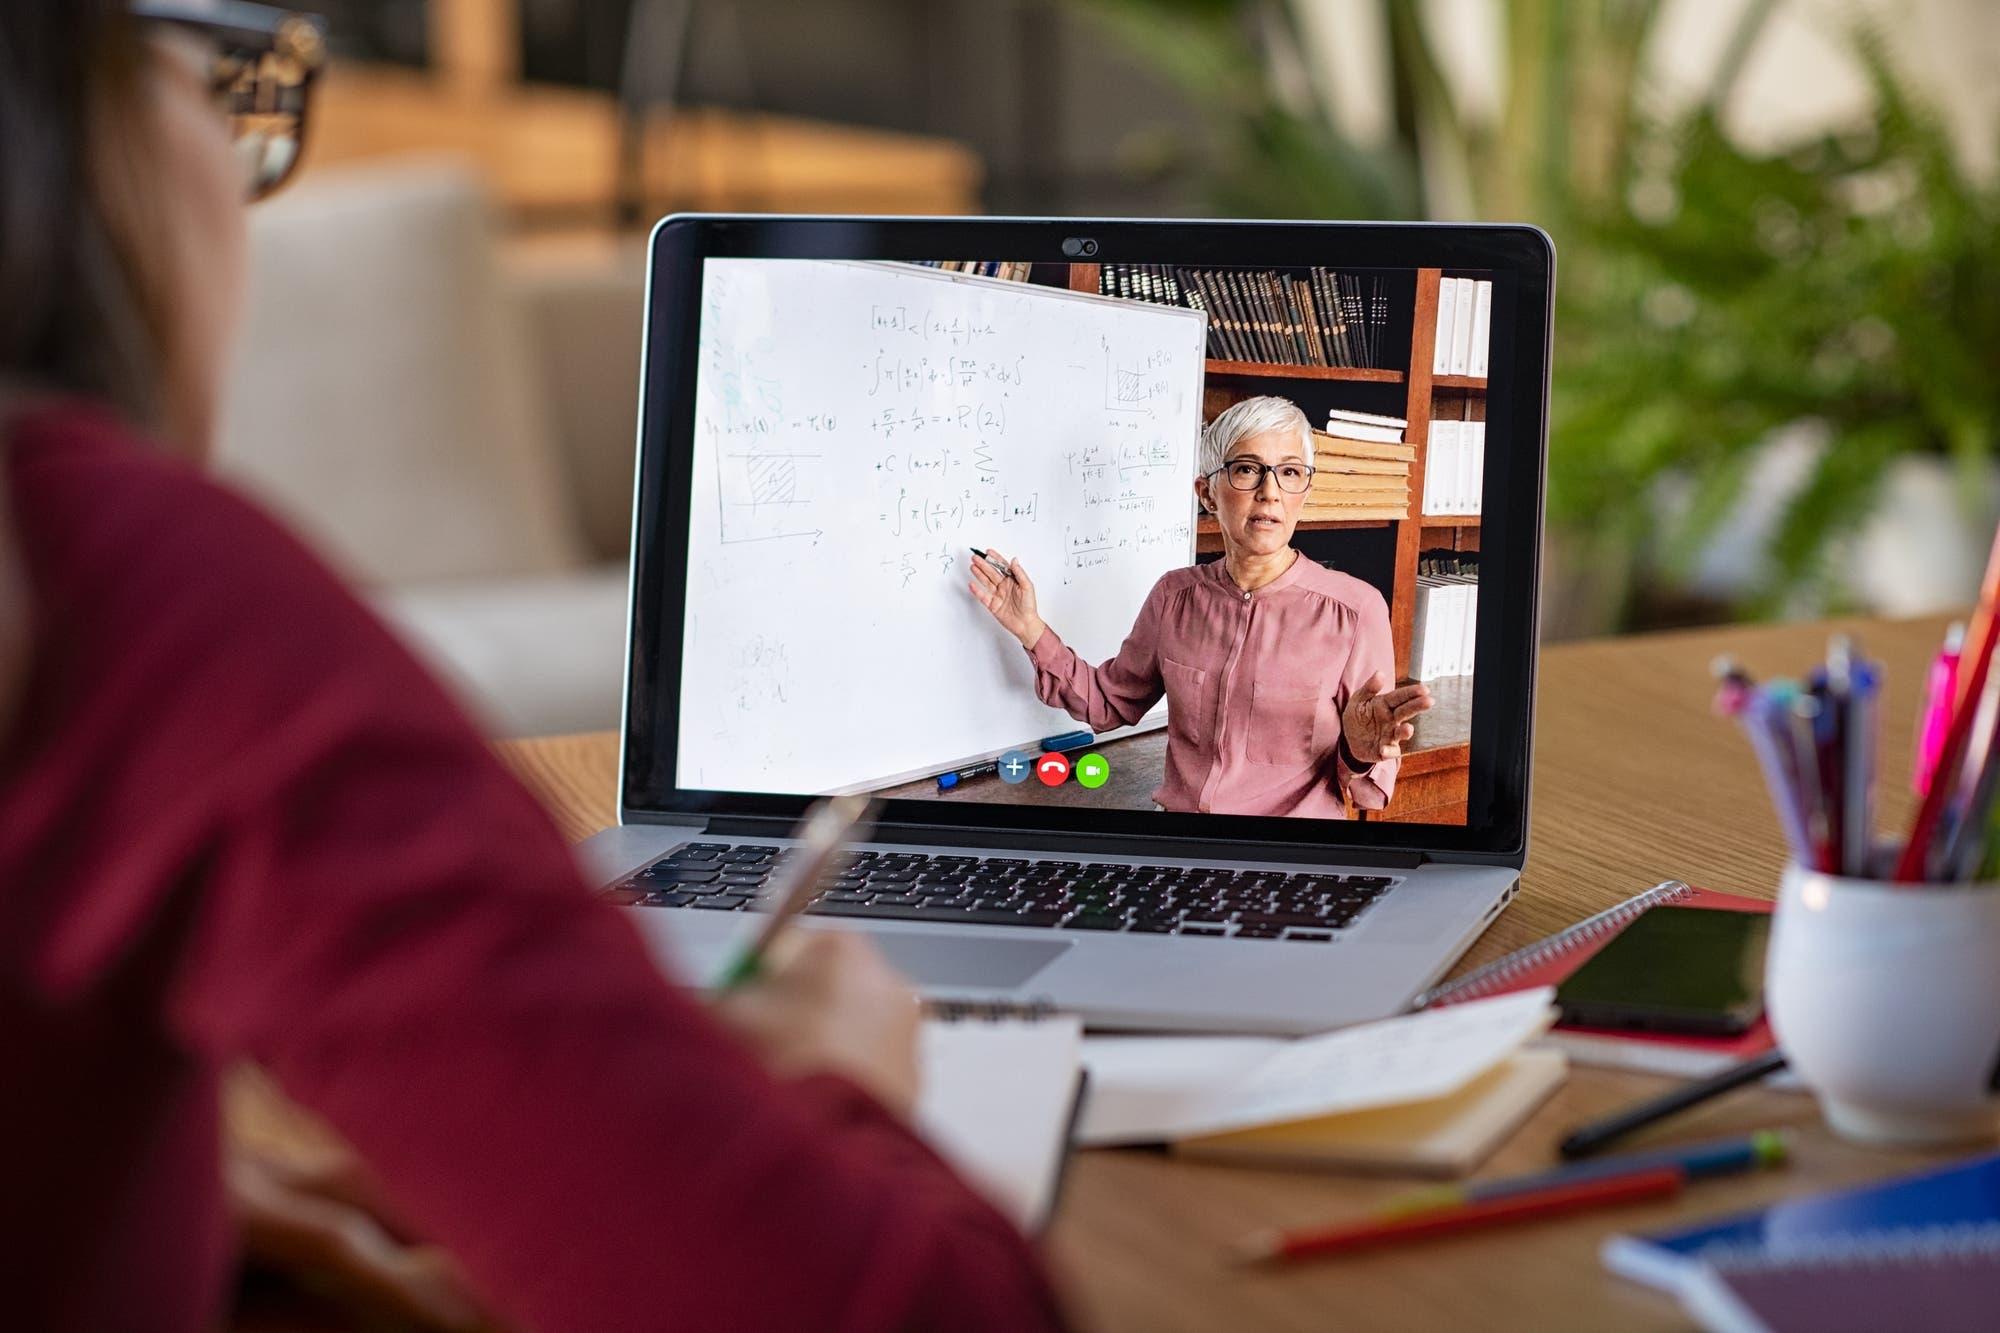 La transformación de los docentes: 6 profesores que hoy también son curadores y creadores de contenidos